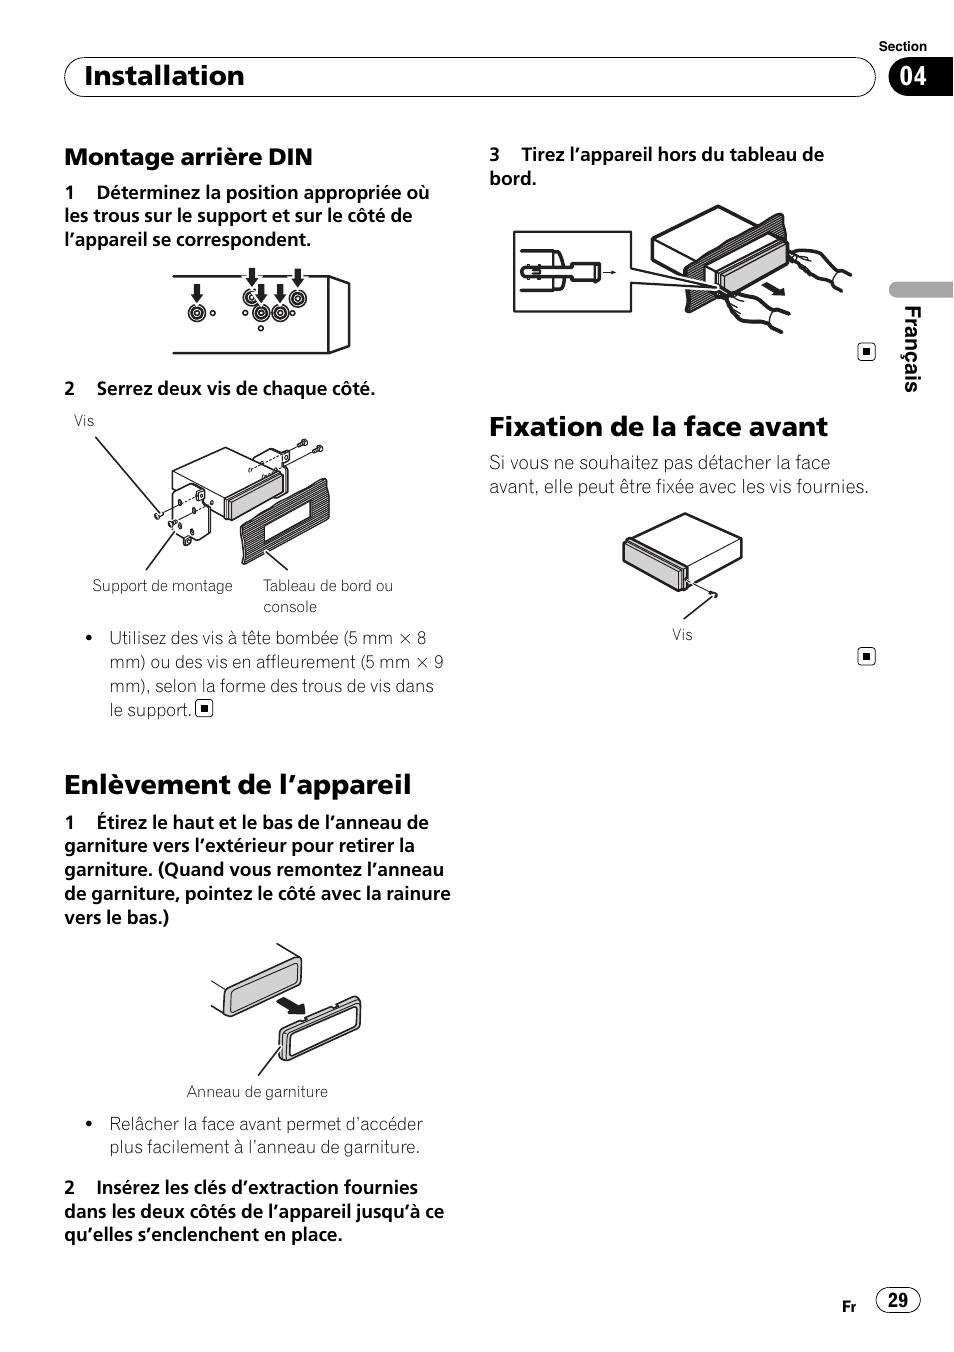 pioneer deh 1200mp wiring diagram 2 volt speakers enlevement de l appareil fixation la face avant installation montage arriere